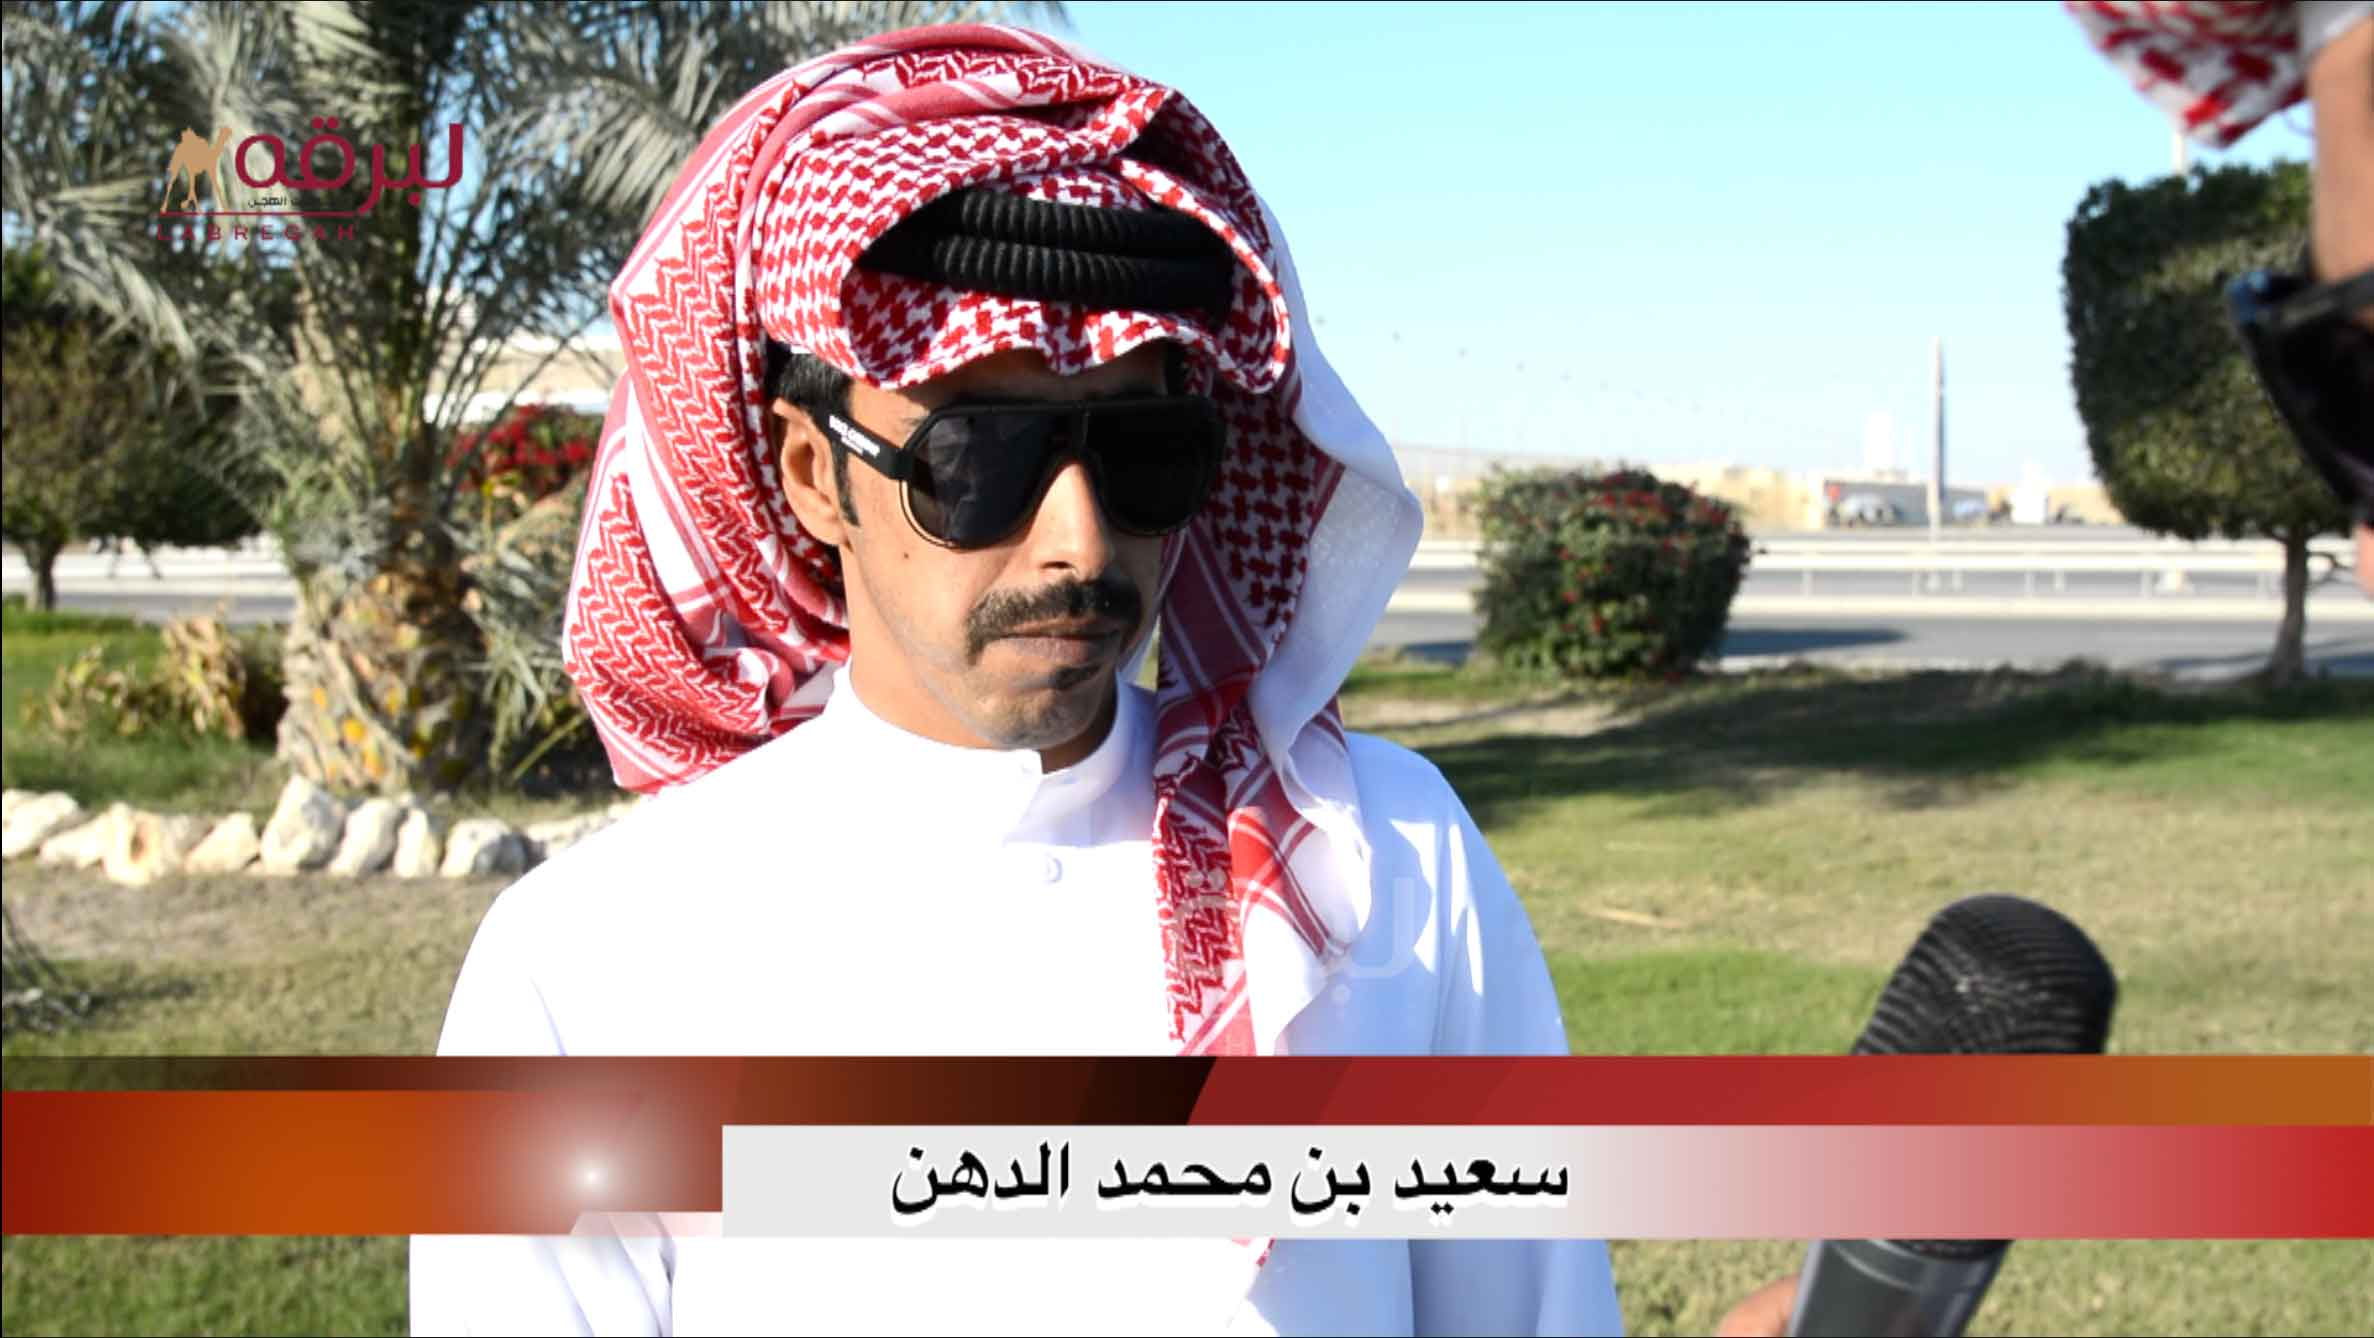 لقاء مع سعيد بن محمد الدهن.. الشوط الرئيسي لقايا قعدان « إنتاج » الأشواط المفتوحة  ١٢-٢-٢٠٢١